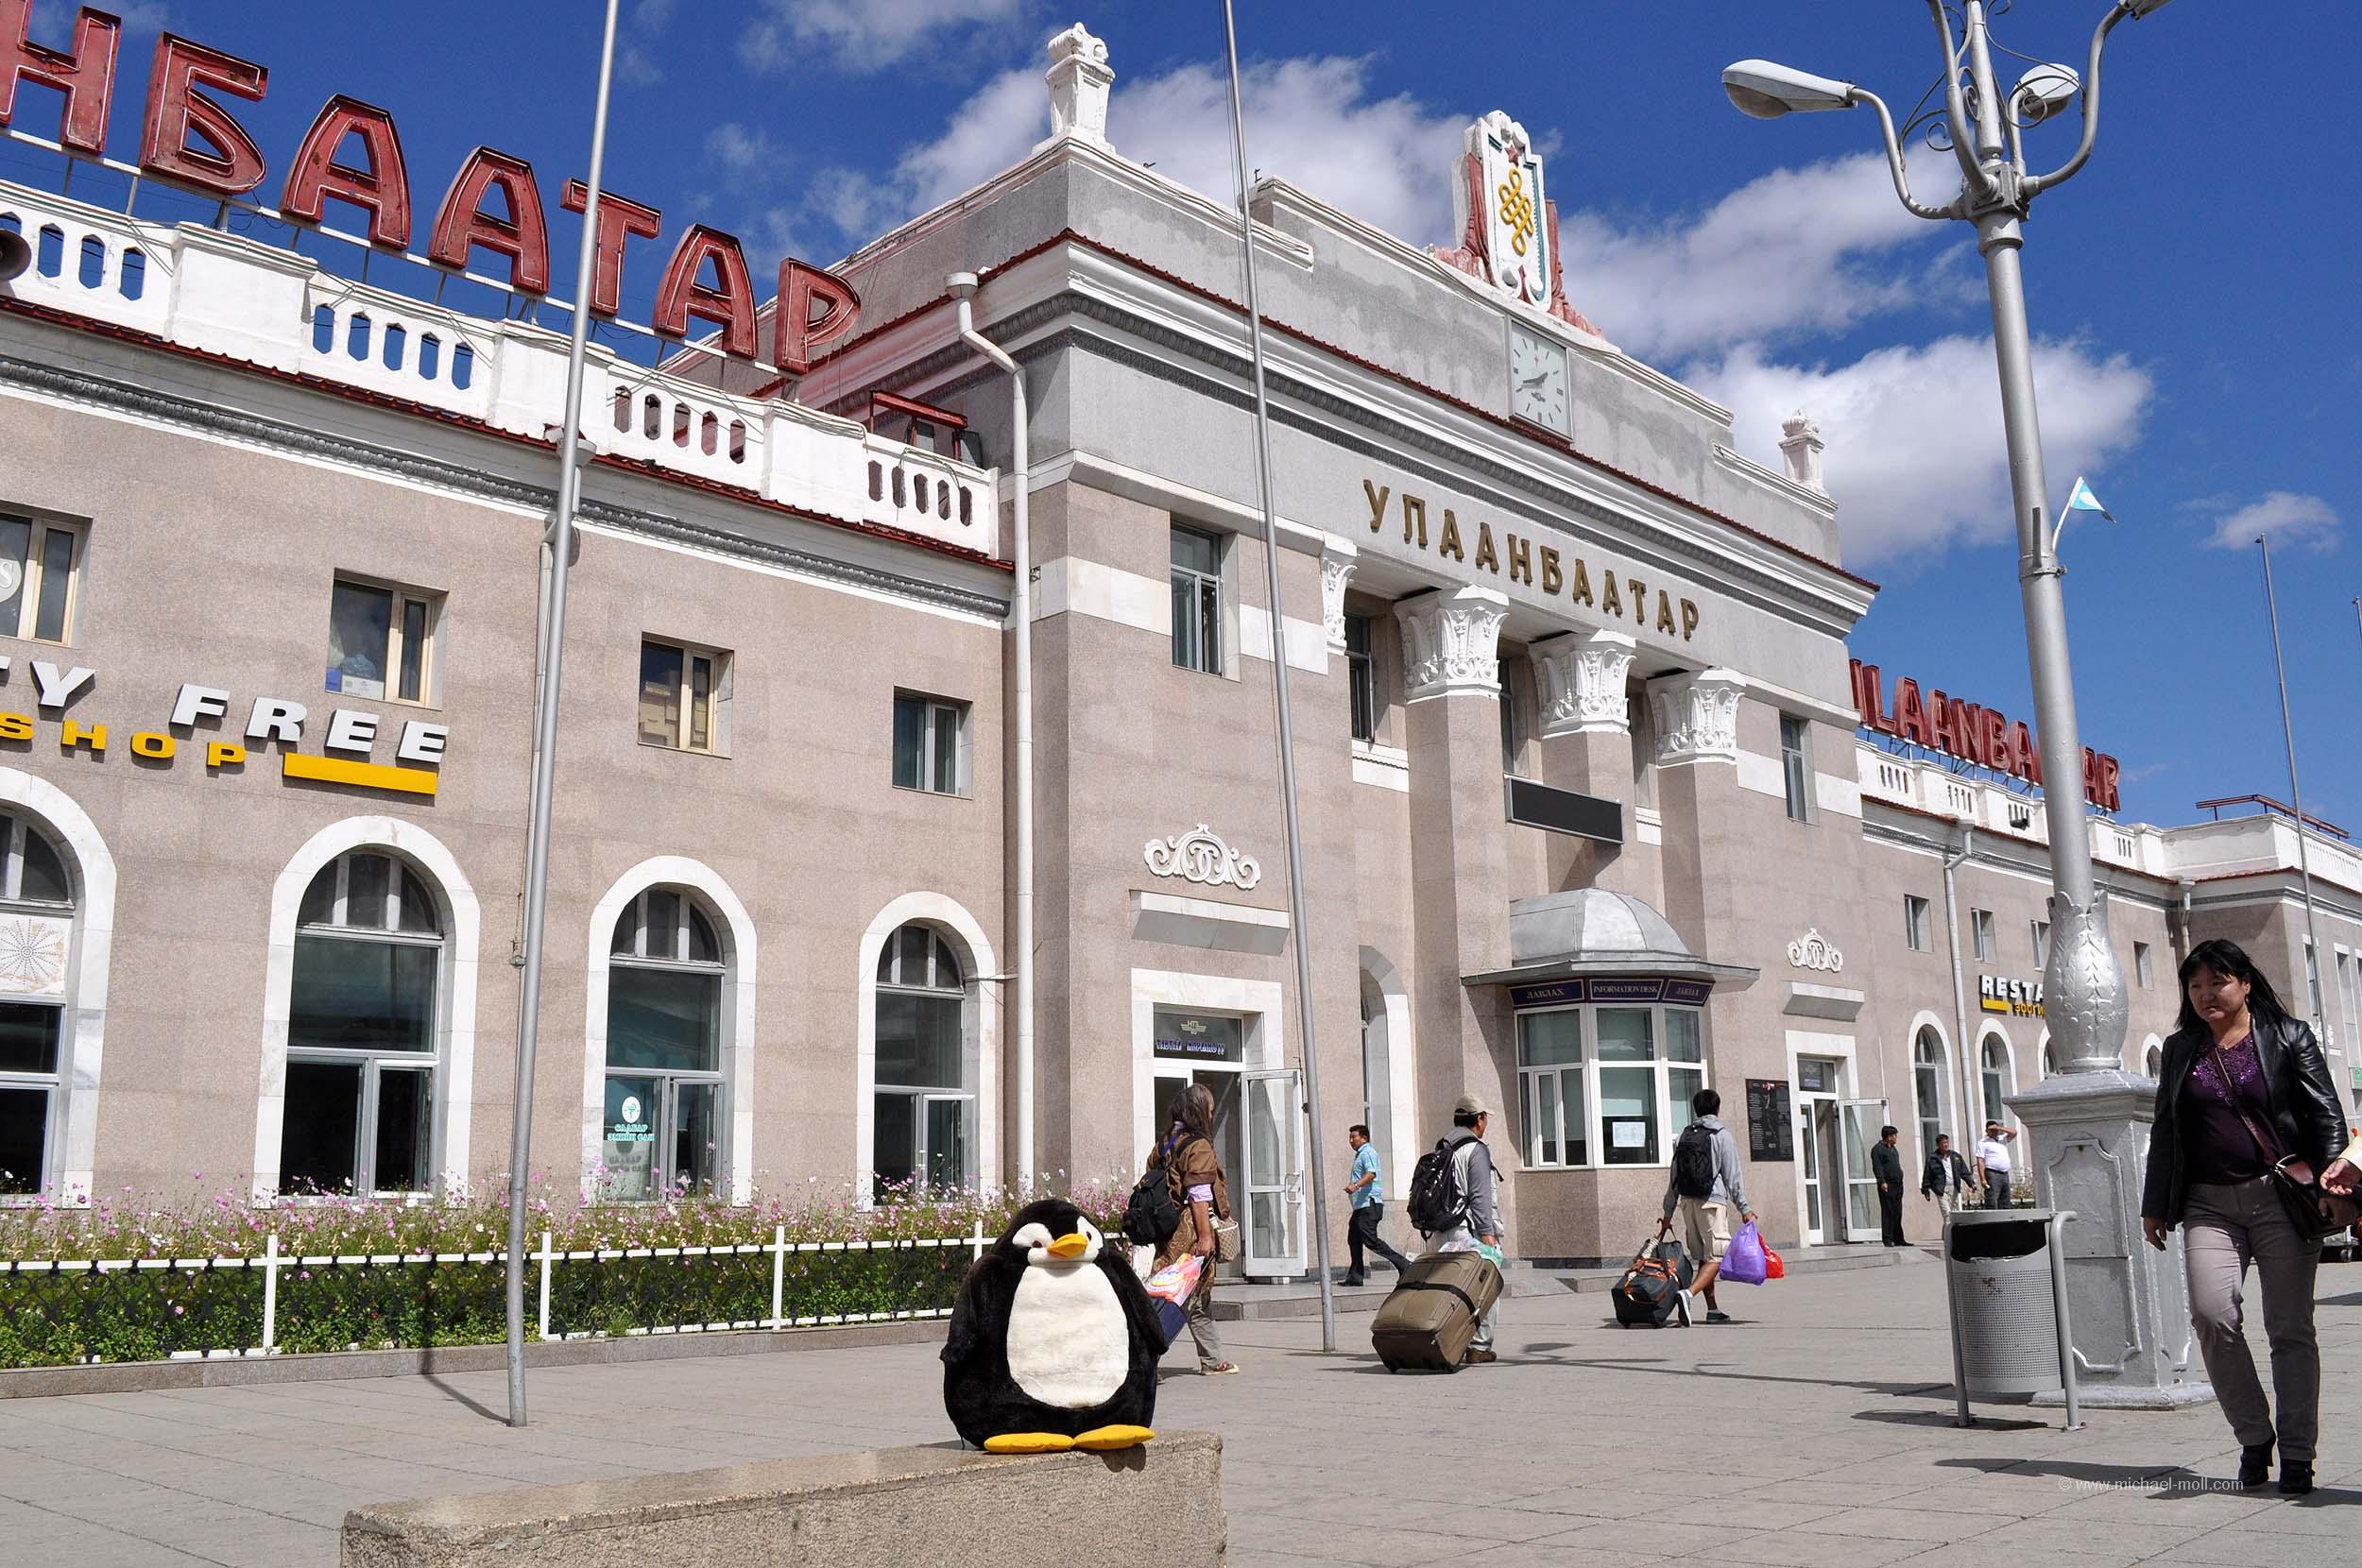 Ulanbaatar